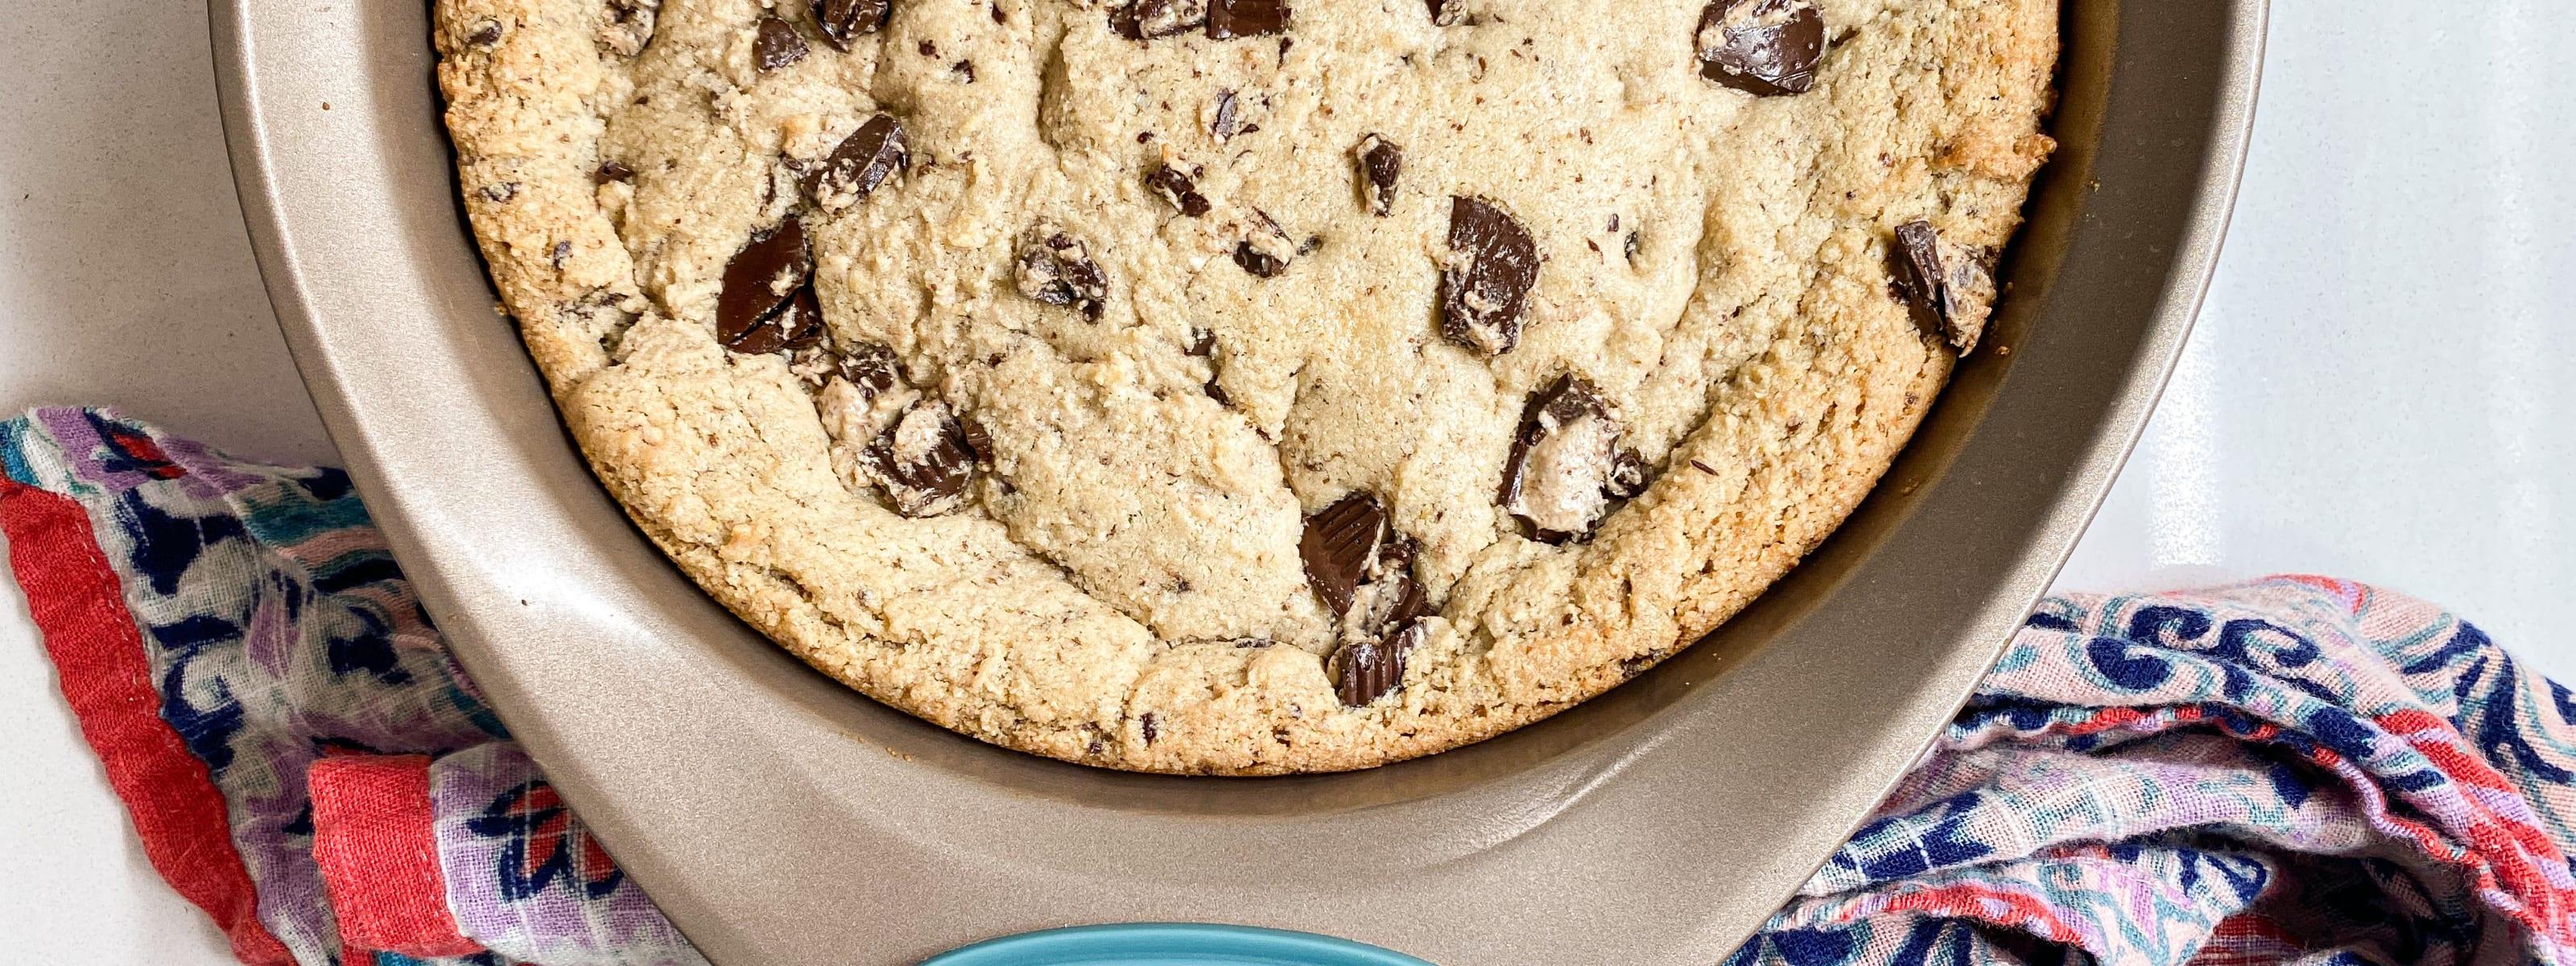 Cookie in skillet